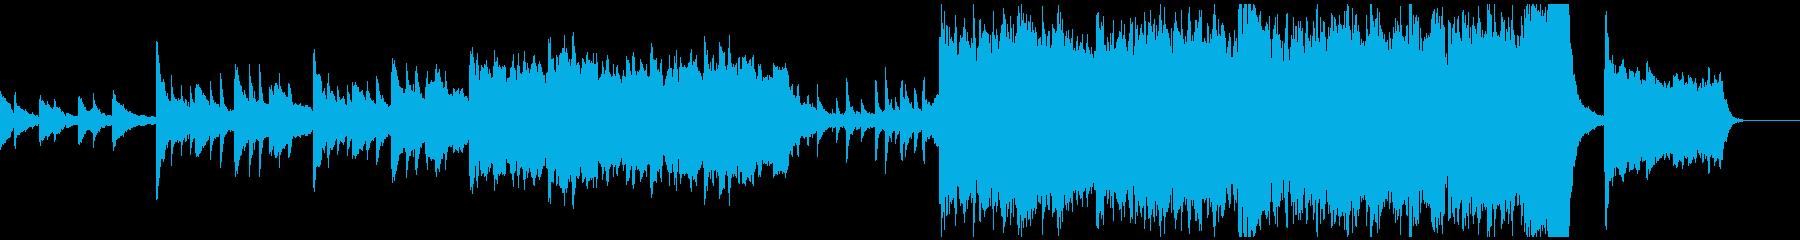 現代の交響曲 企業イメージ あたた...の再生済みの波形